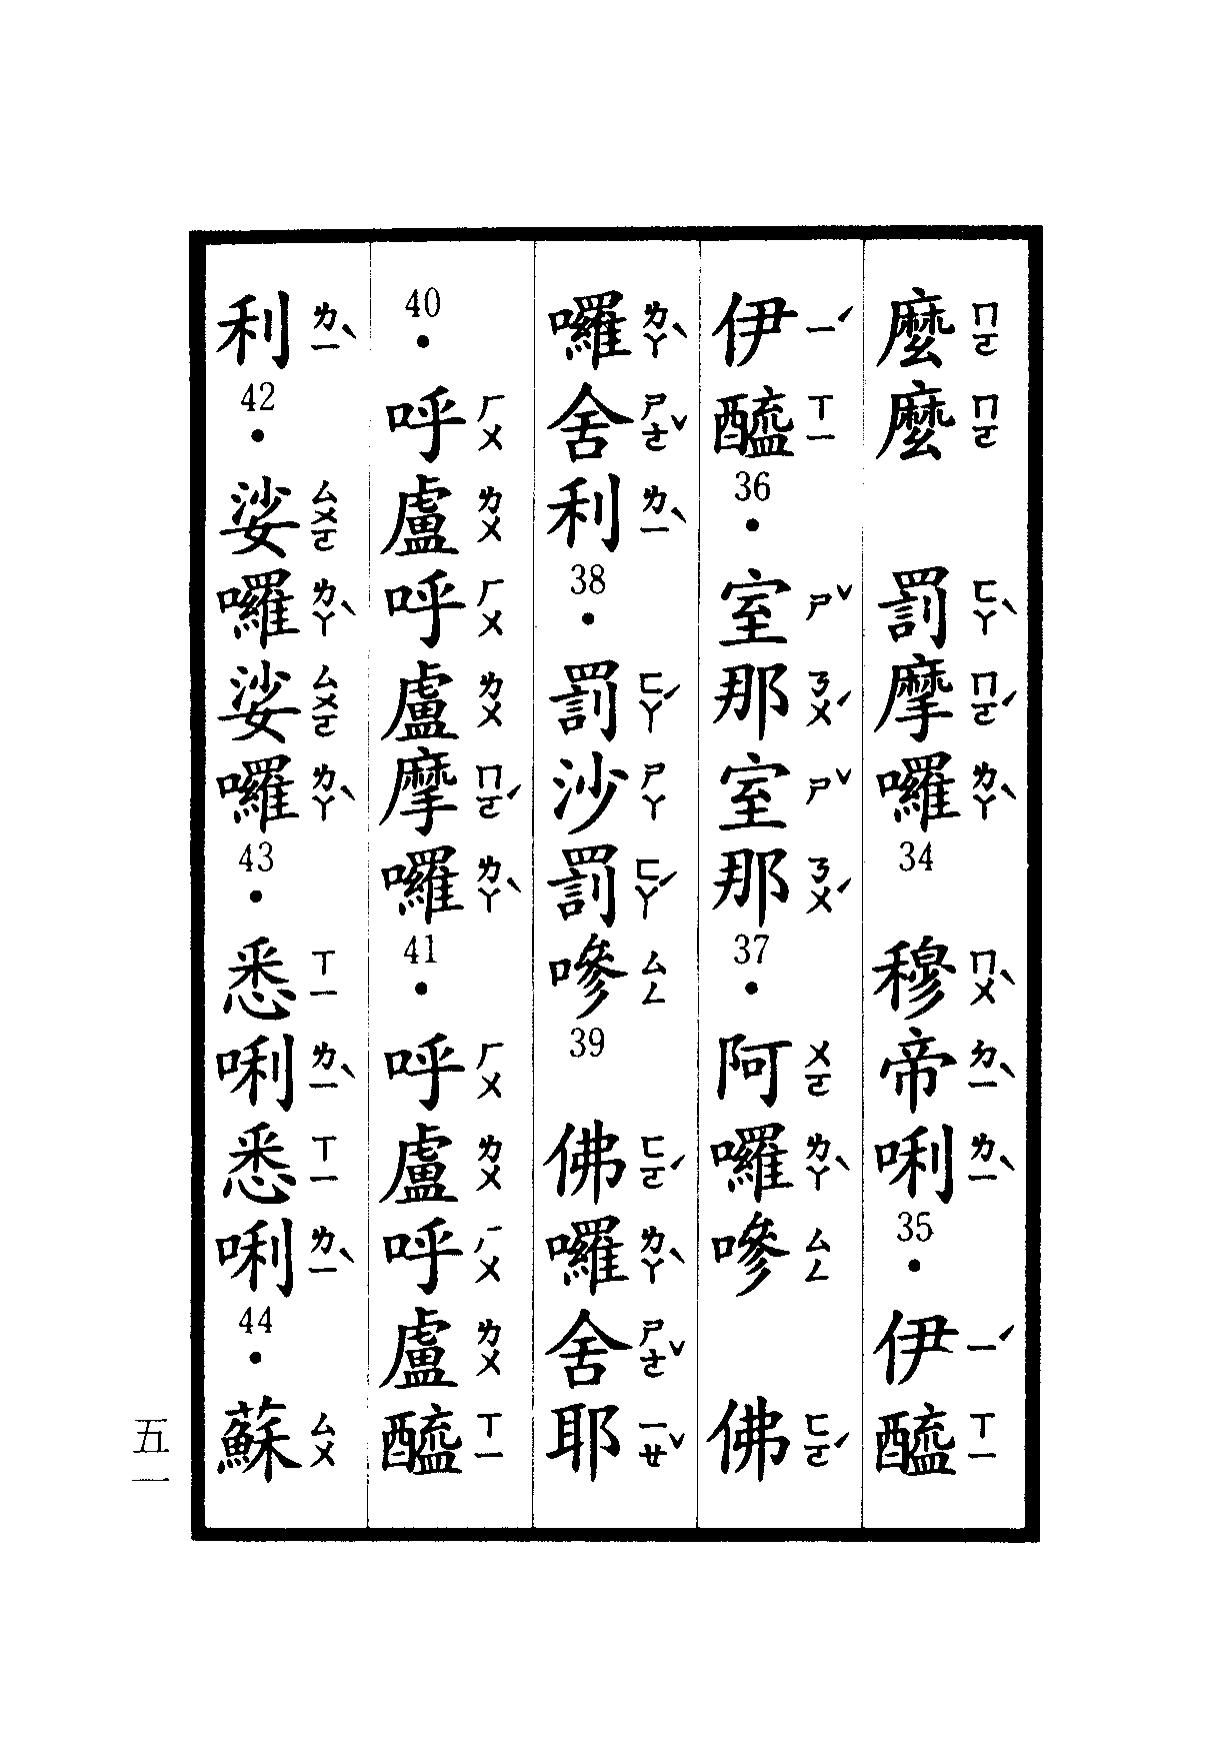 楞嚴咒-大悲咒-十小咒-易背本 57.png